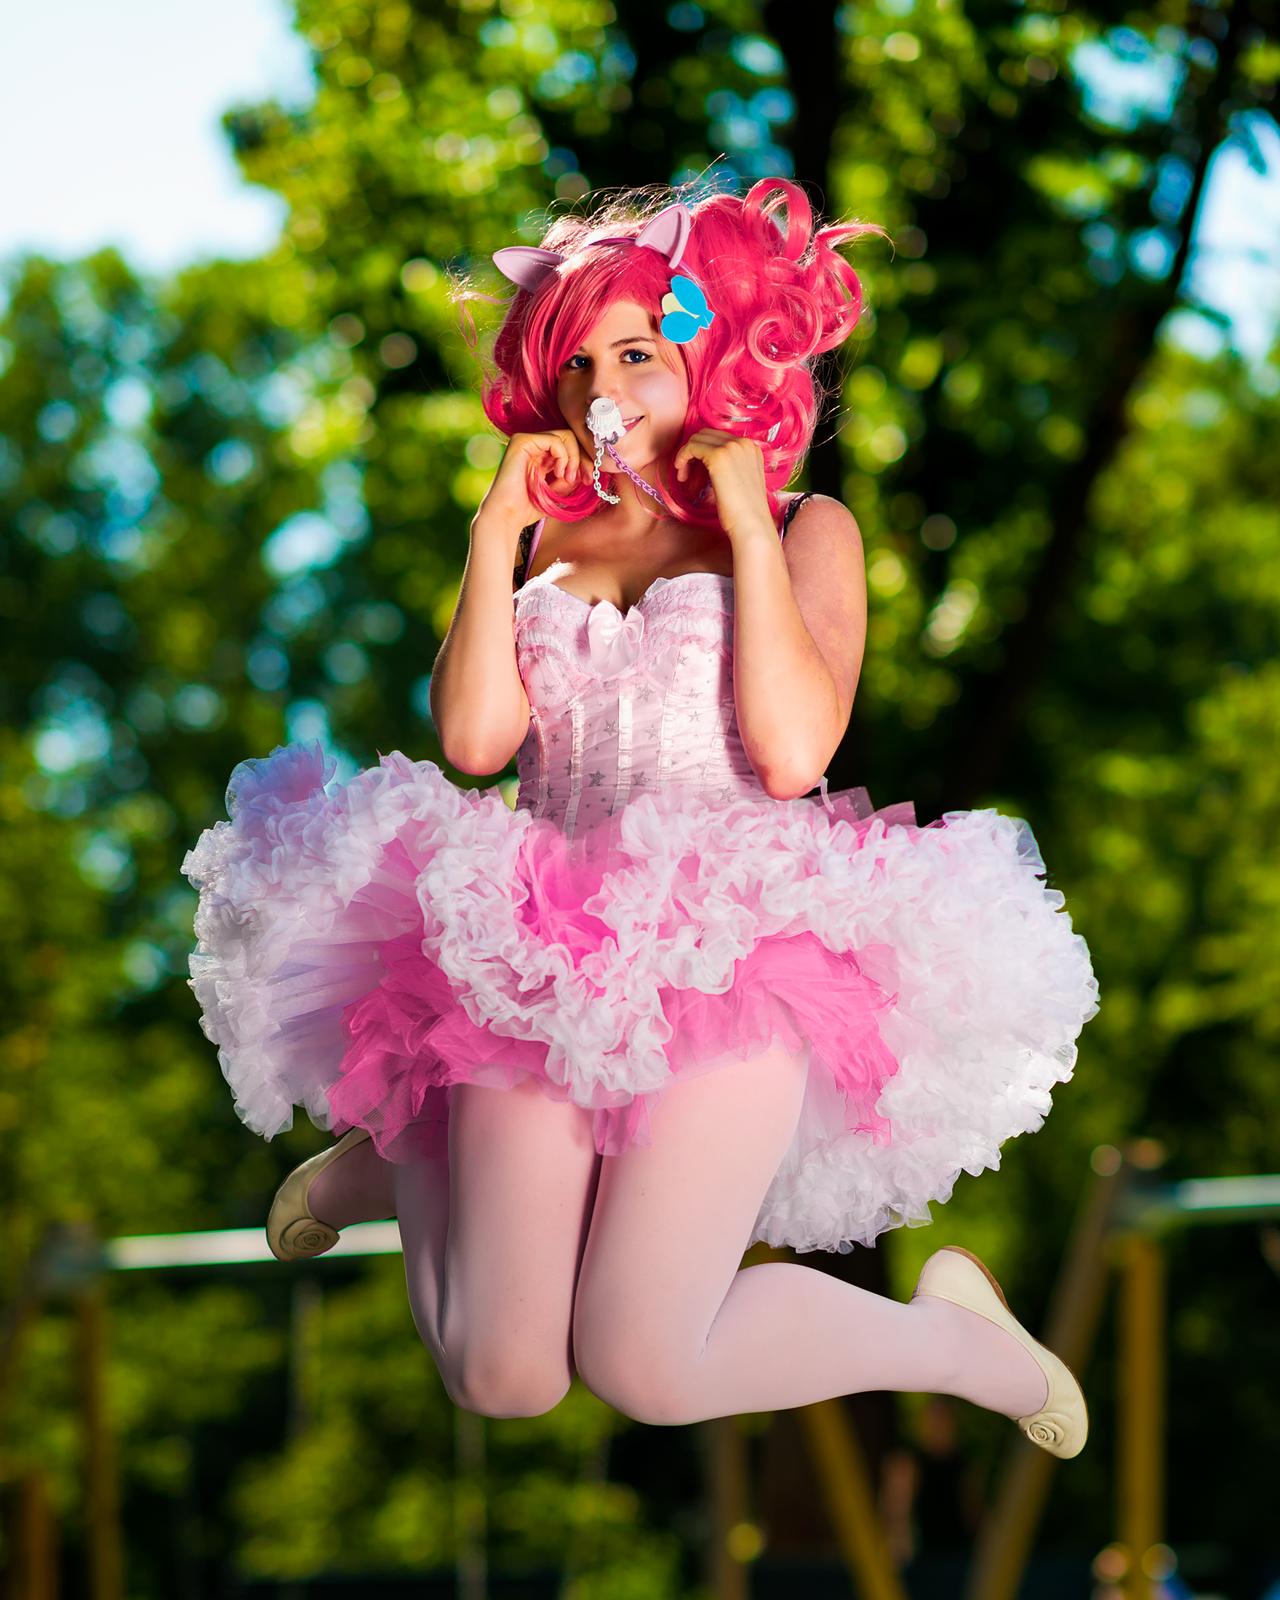 Pinkie Pie by Sandman-AC